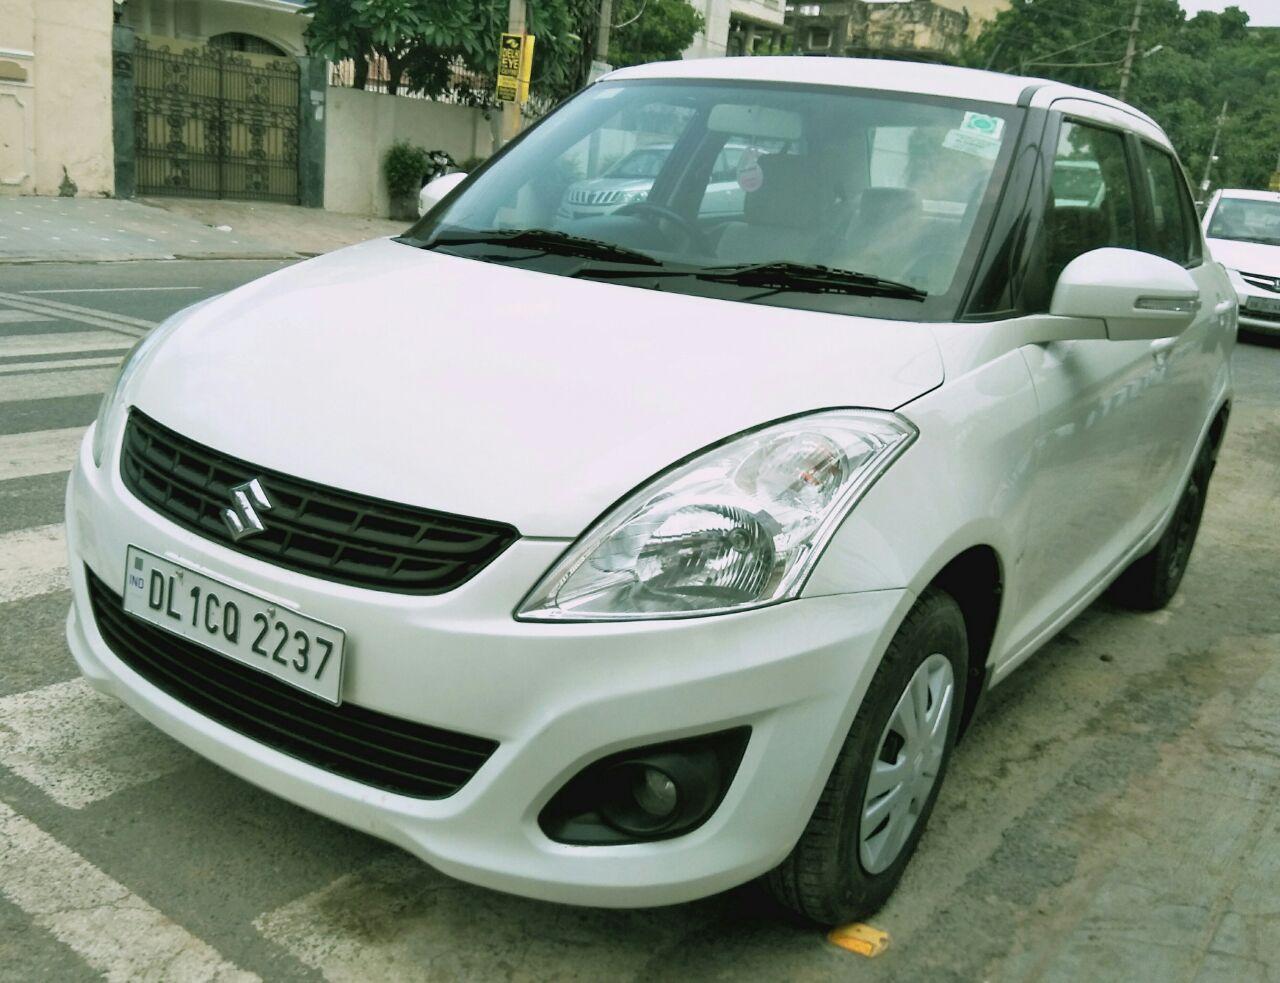 Secondhand Swift Dzire-Vxi car in Dwarka and Uttam Nagar